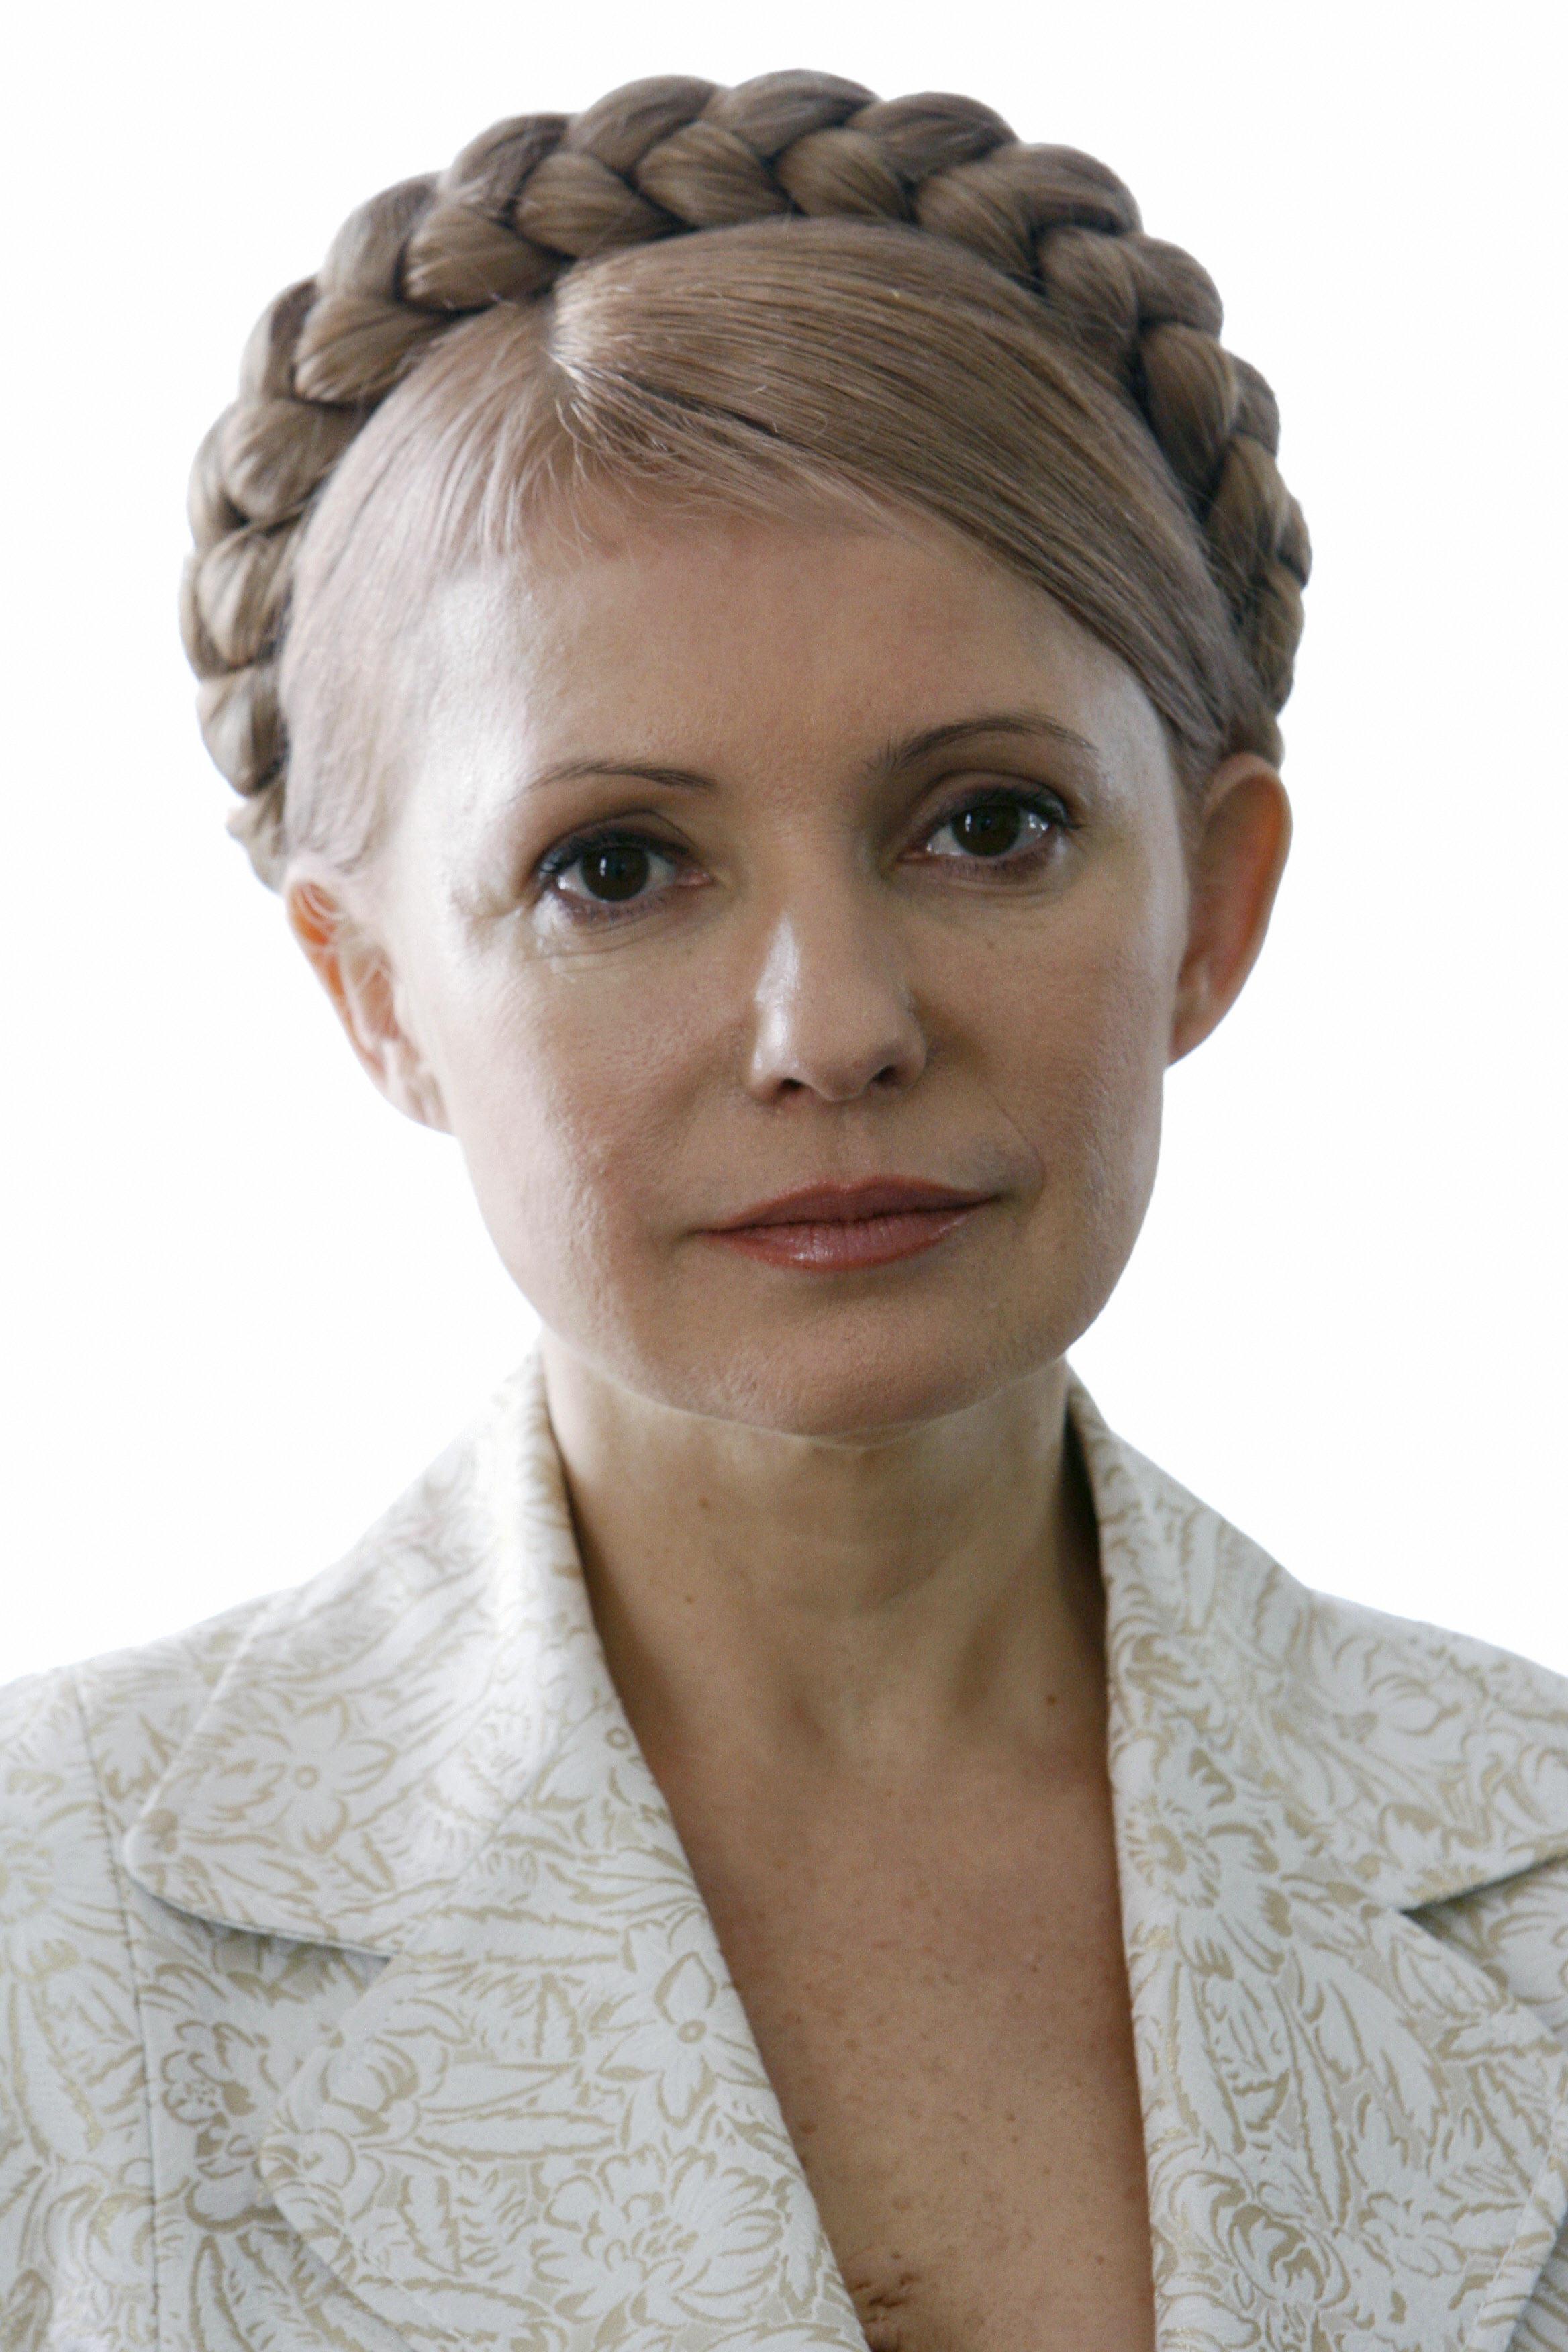 Иностранные врачи подтвердили диагноз украинских медиков